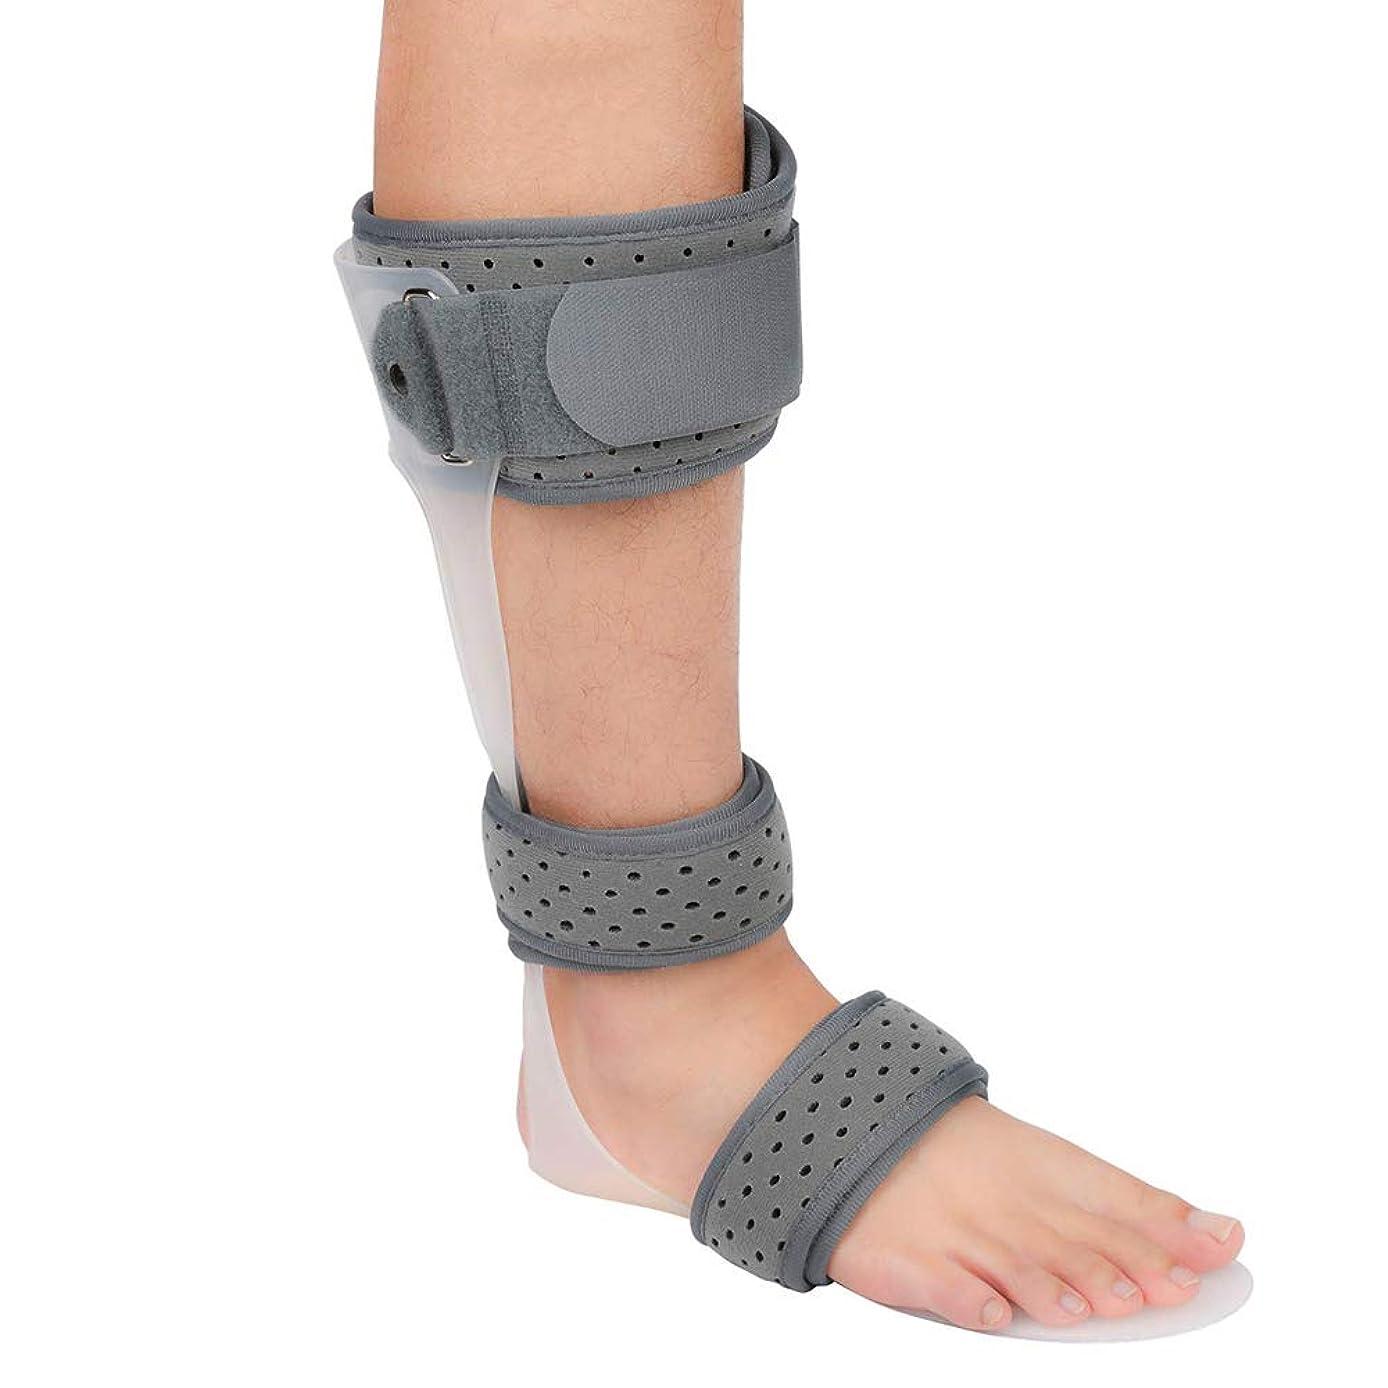 みすぼらしい区別責め足首装具フットドロップブレース、足首スタビライザーブレース、足ドロップ副木、足首保護用補正ブレース